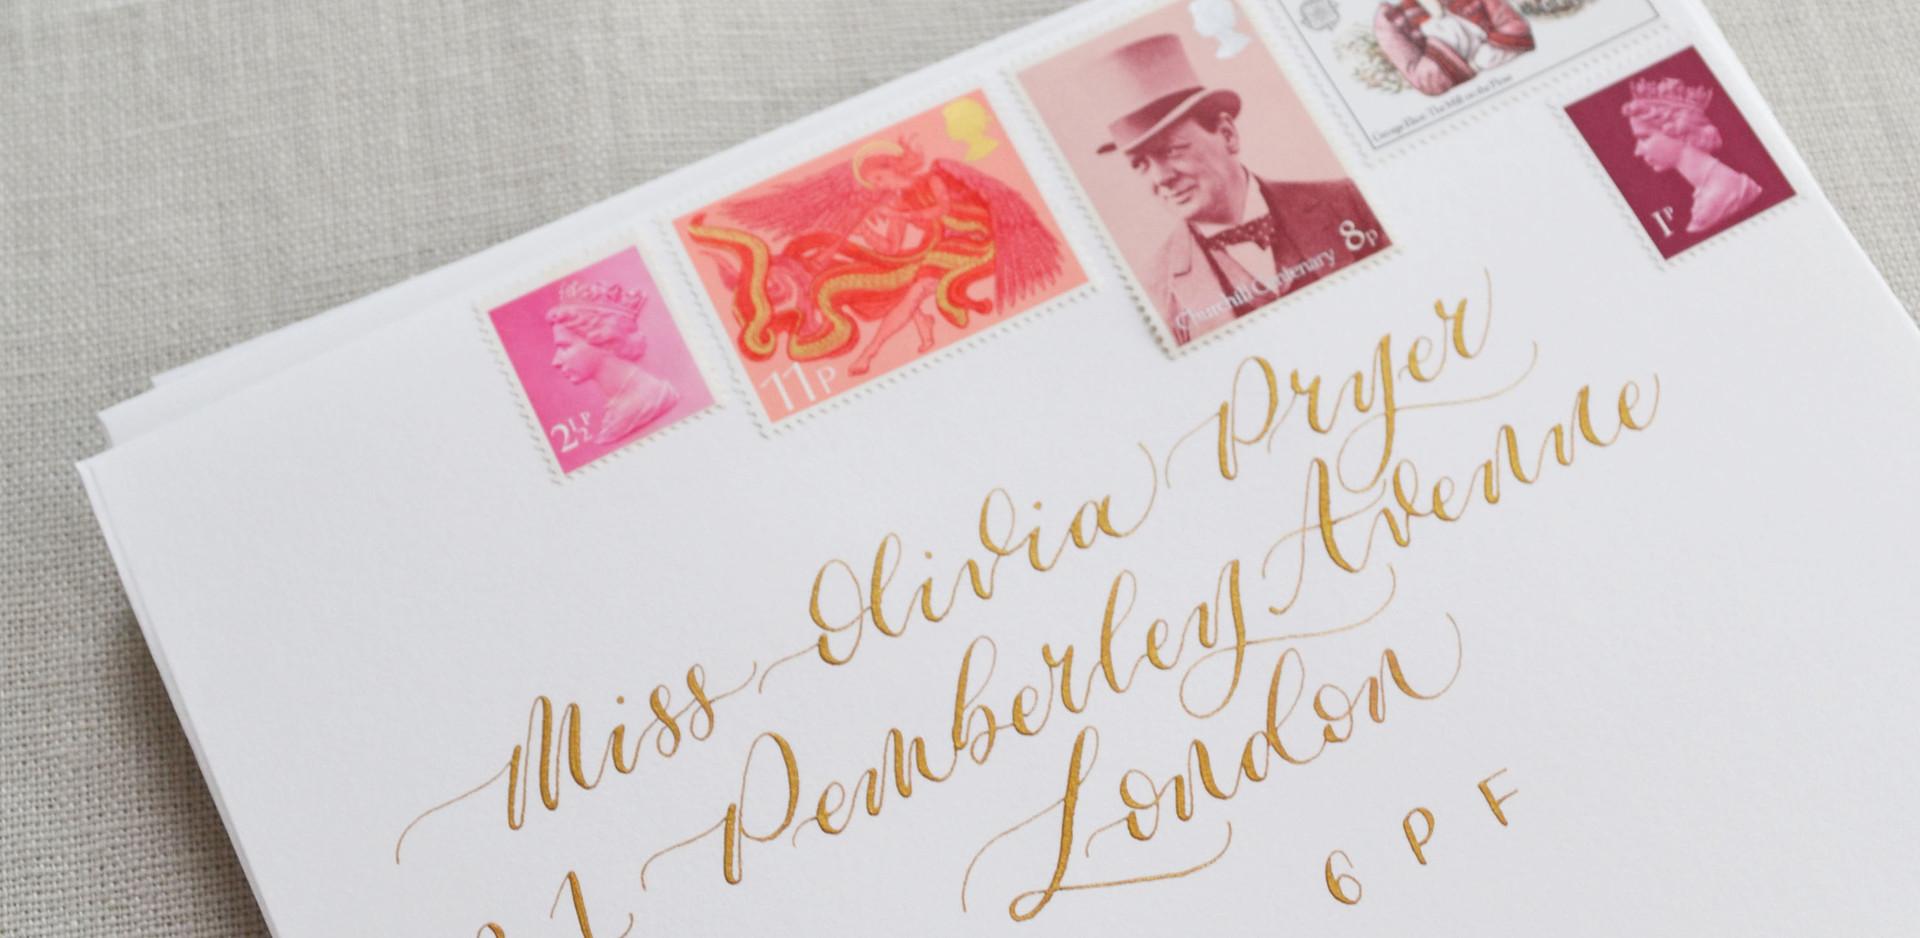 Envelope addressing 3.jpg